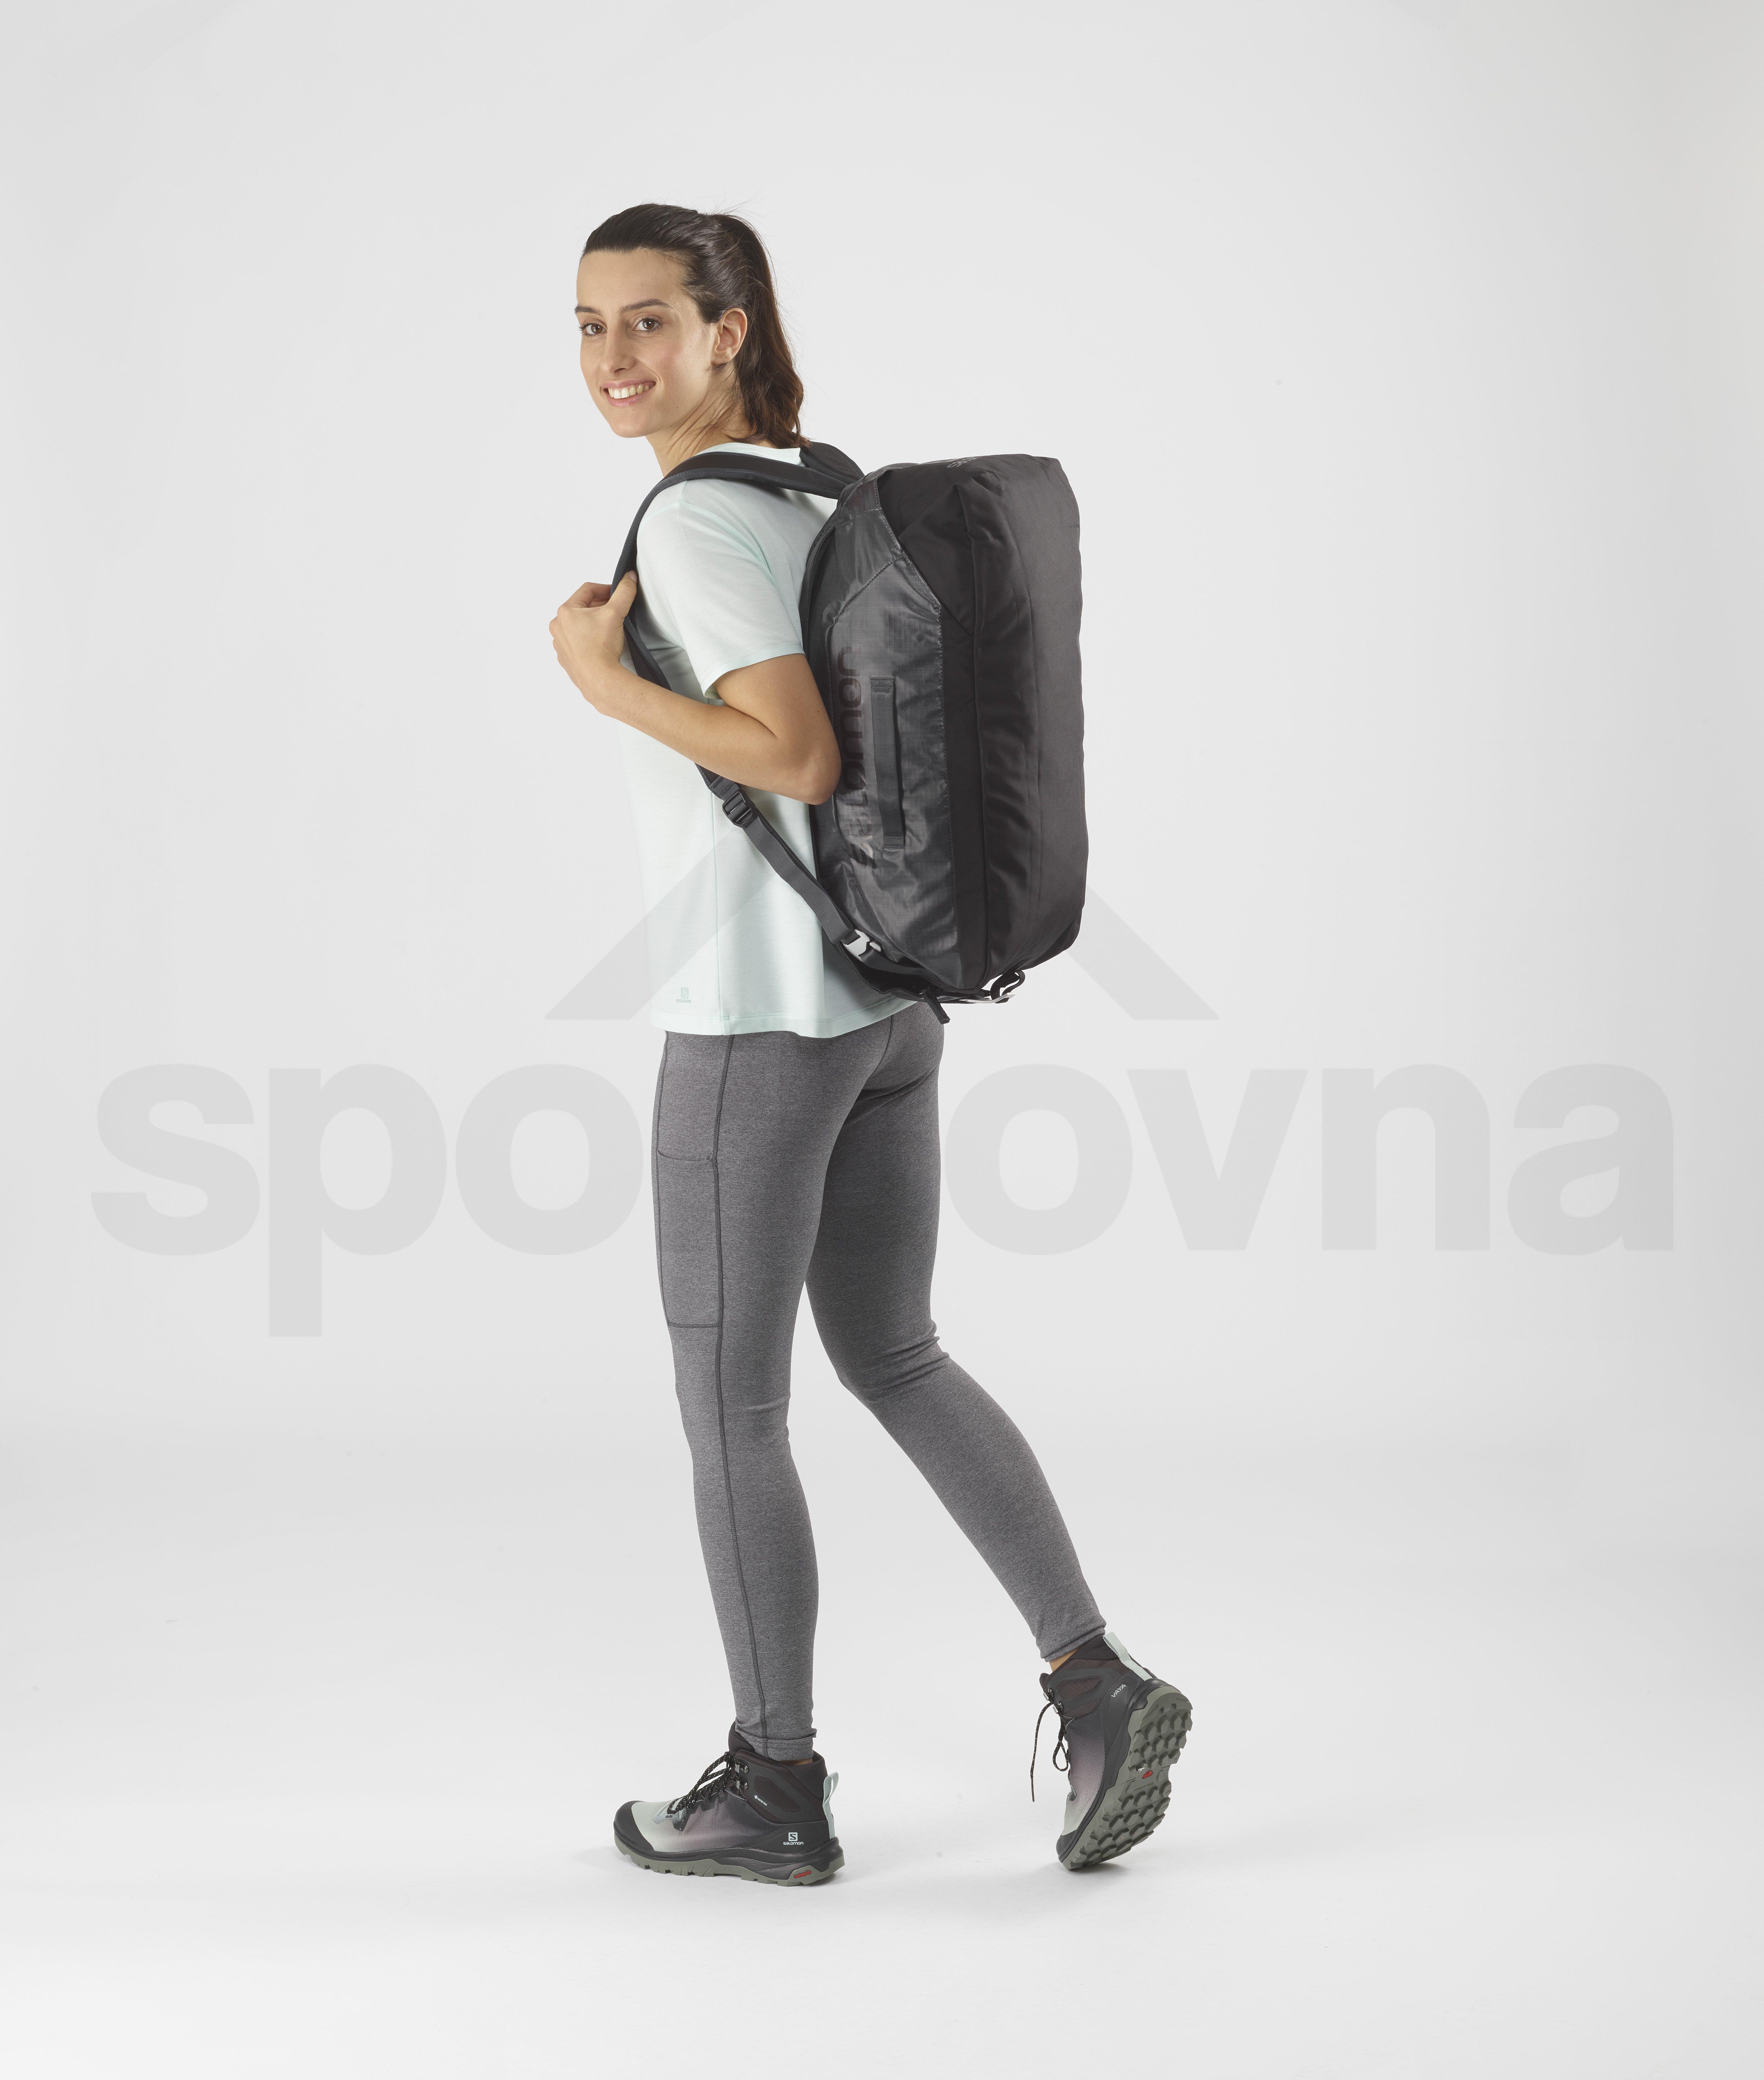 Cestovní taška Salomon OUTLIFE DUFFEL 25 - šedá/černá